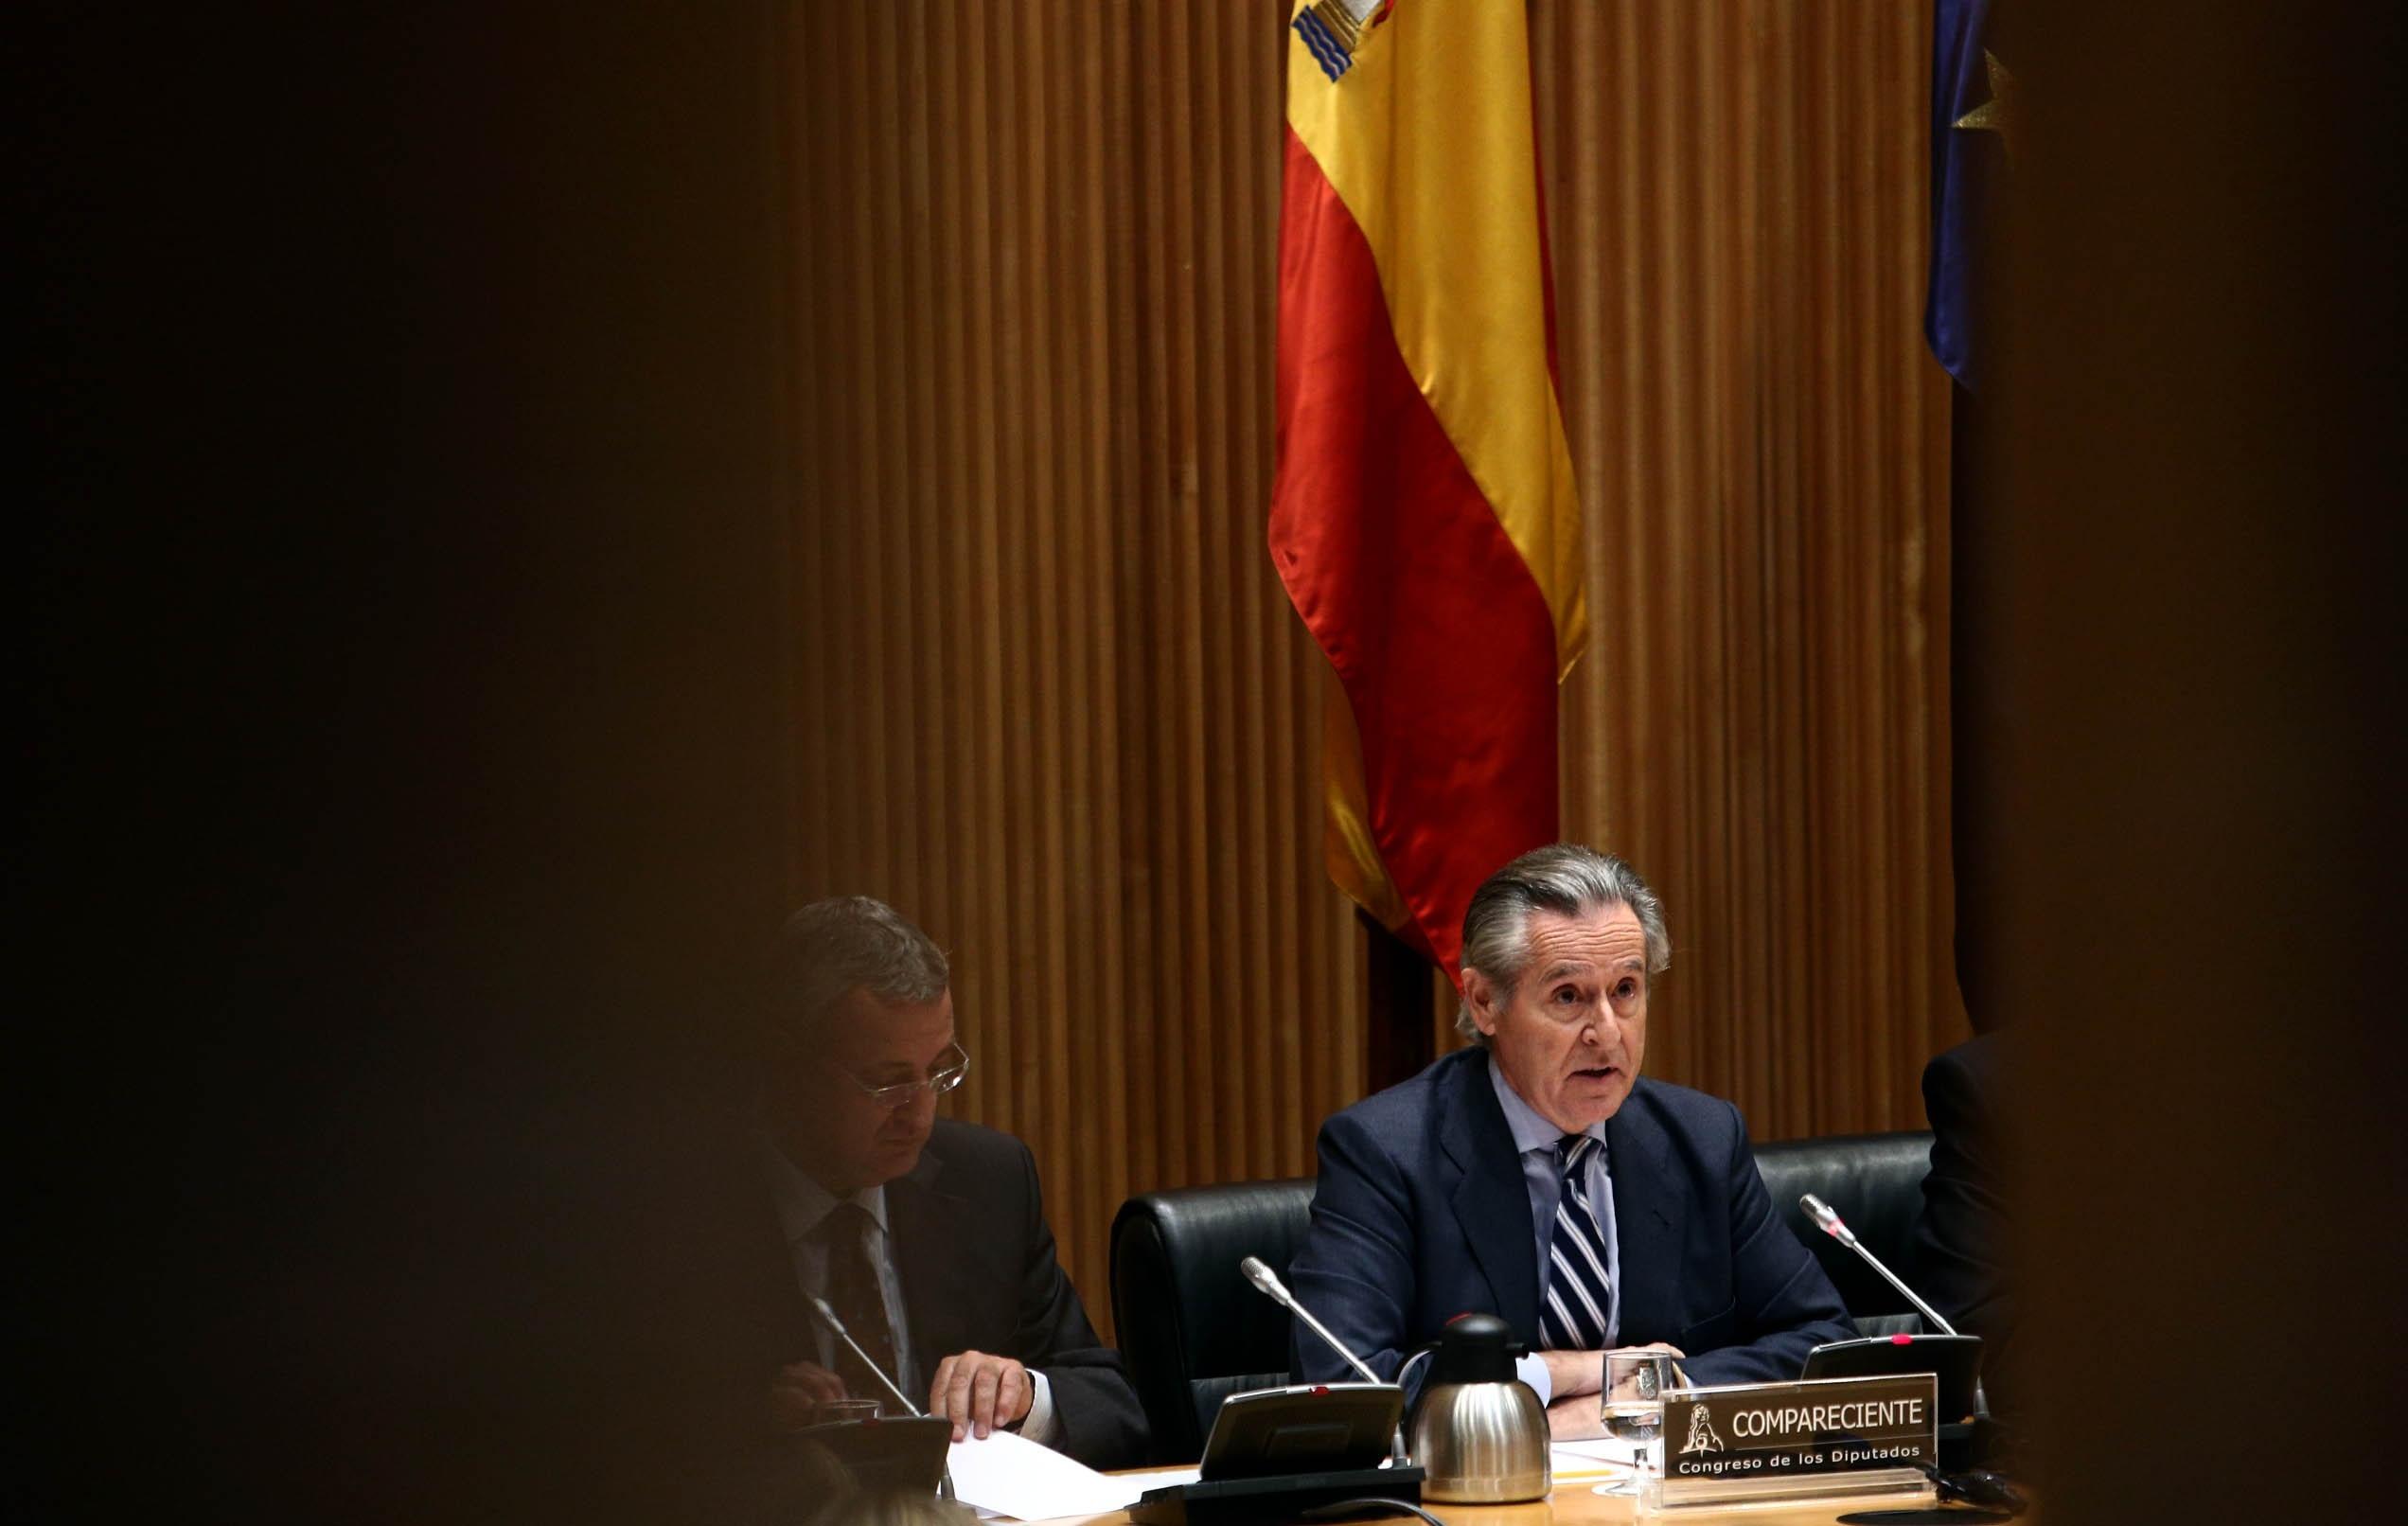 (Amp.) El juez Andreu investigará si Blesa participó en el diseño fraudulento de las preferentes